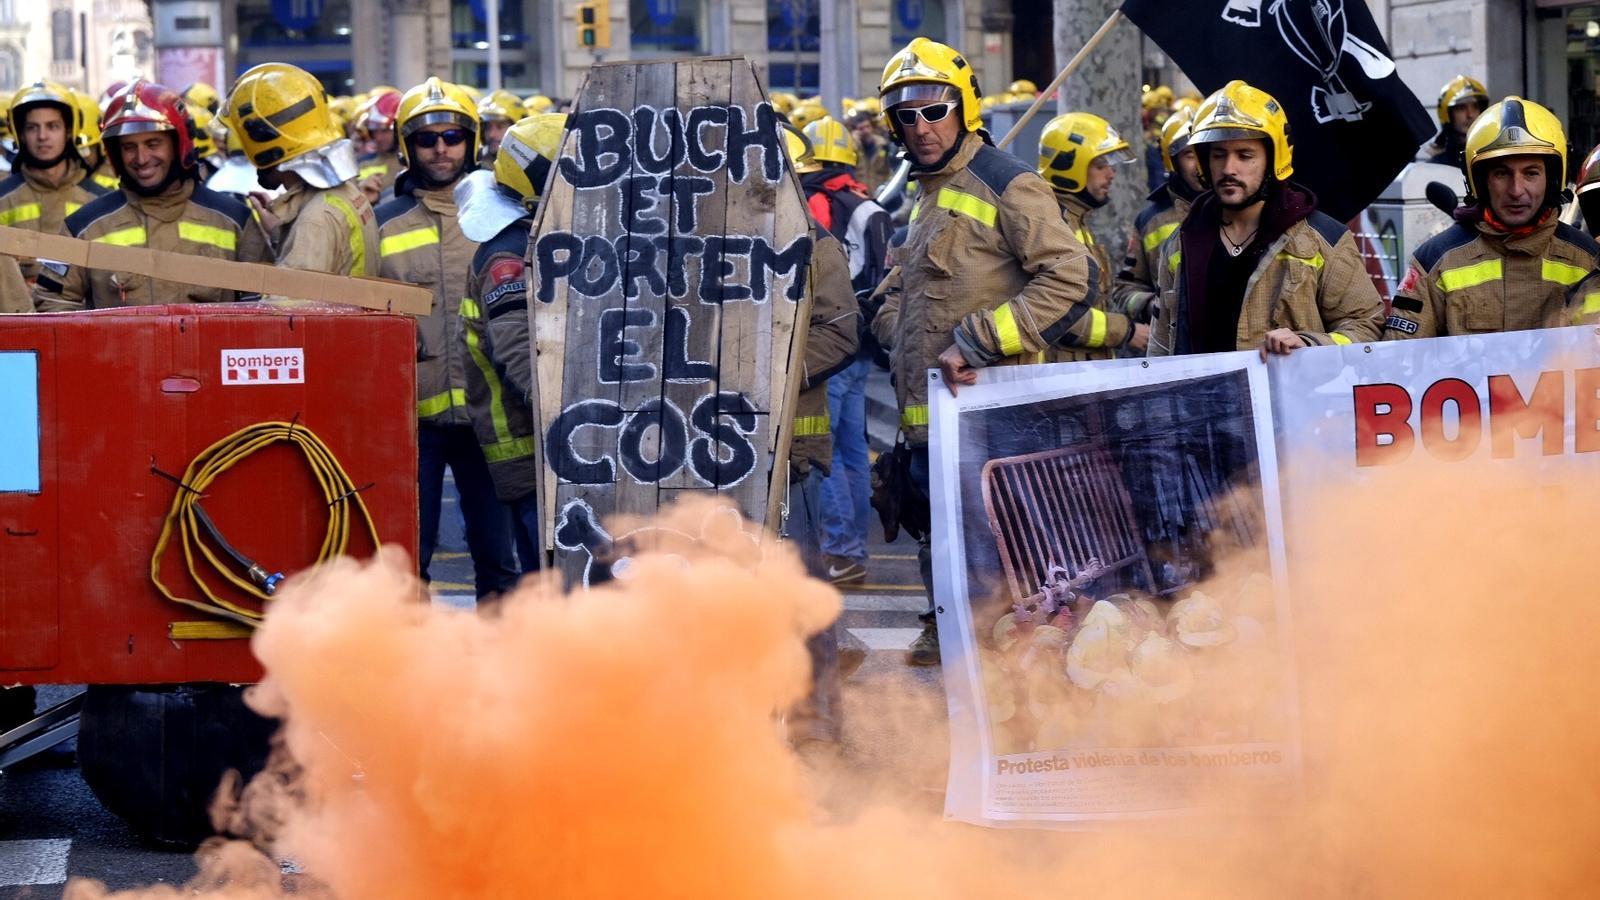 Més de mig miler de bombers es manifesten contra la falta d'efectius a Barcelona